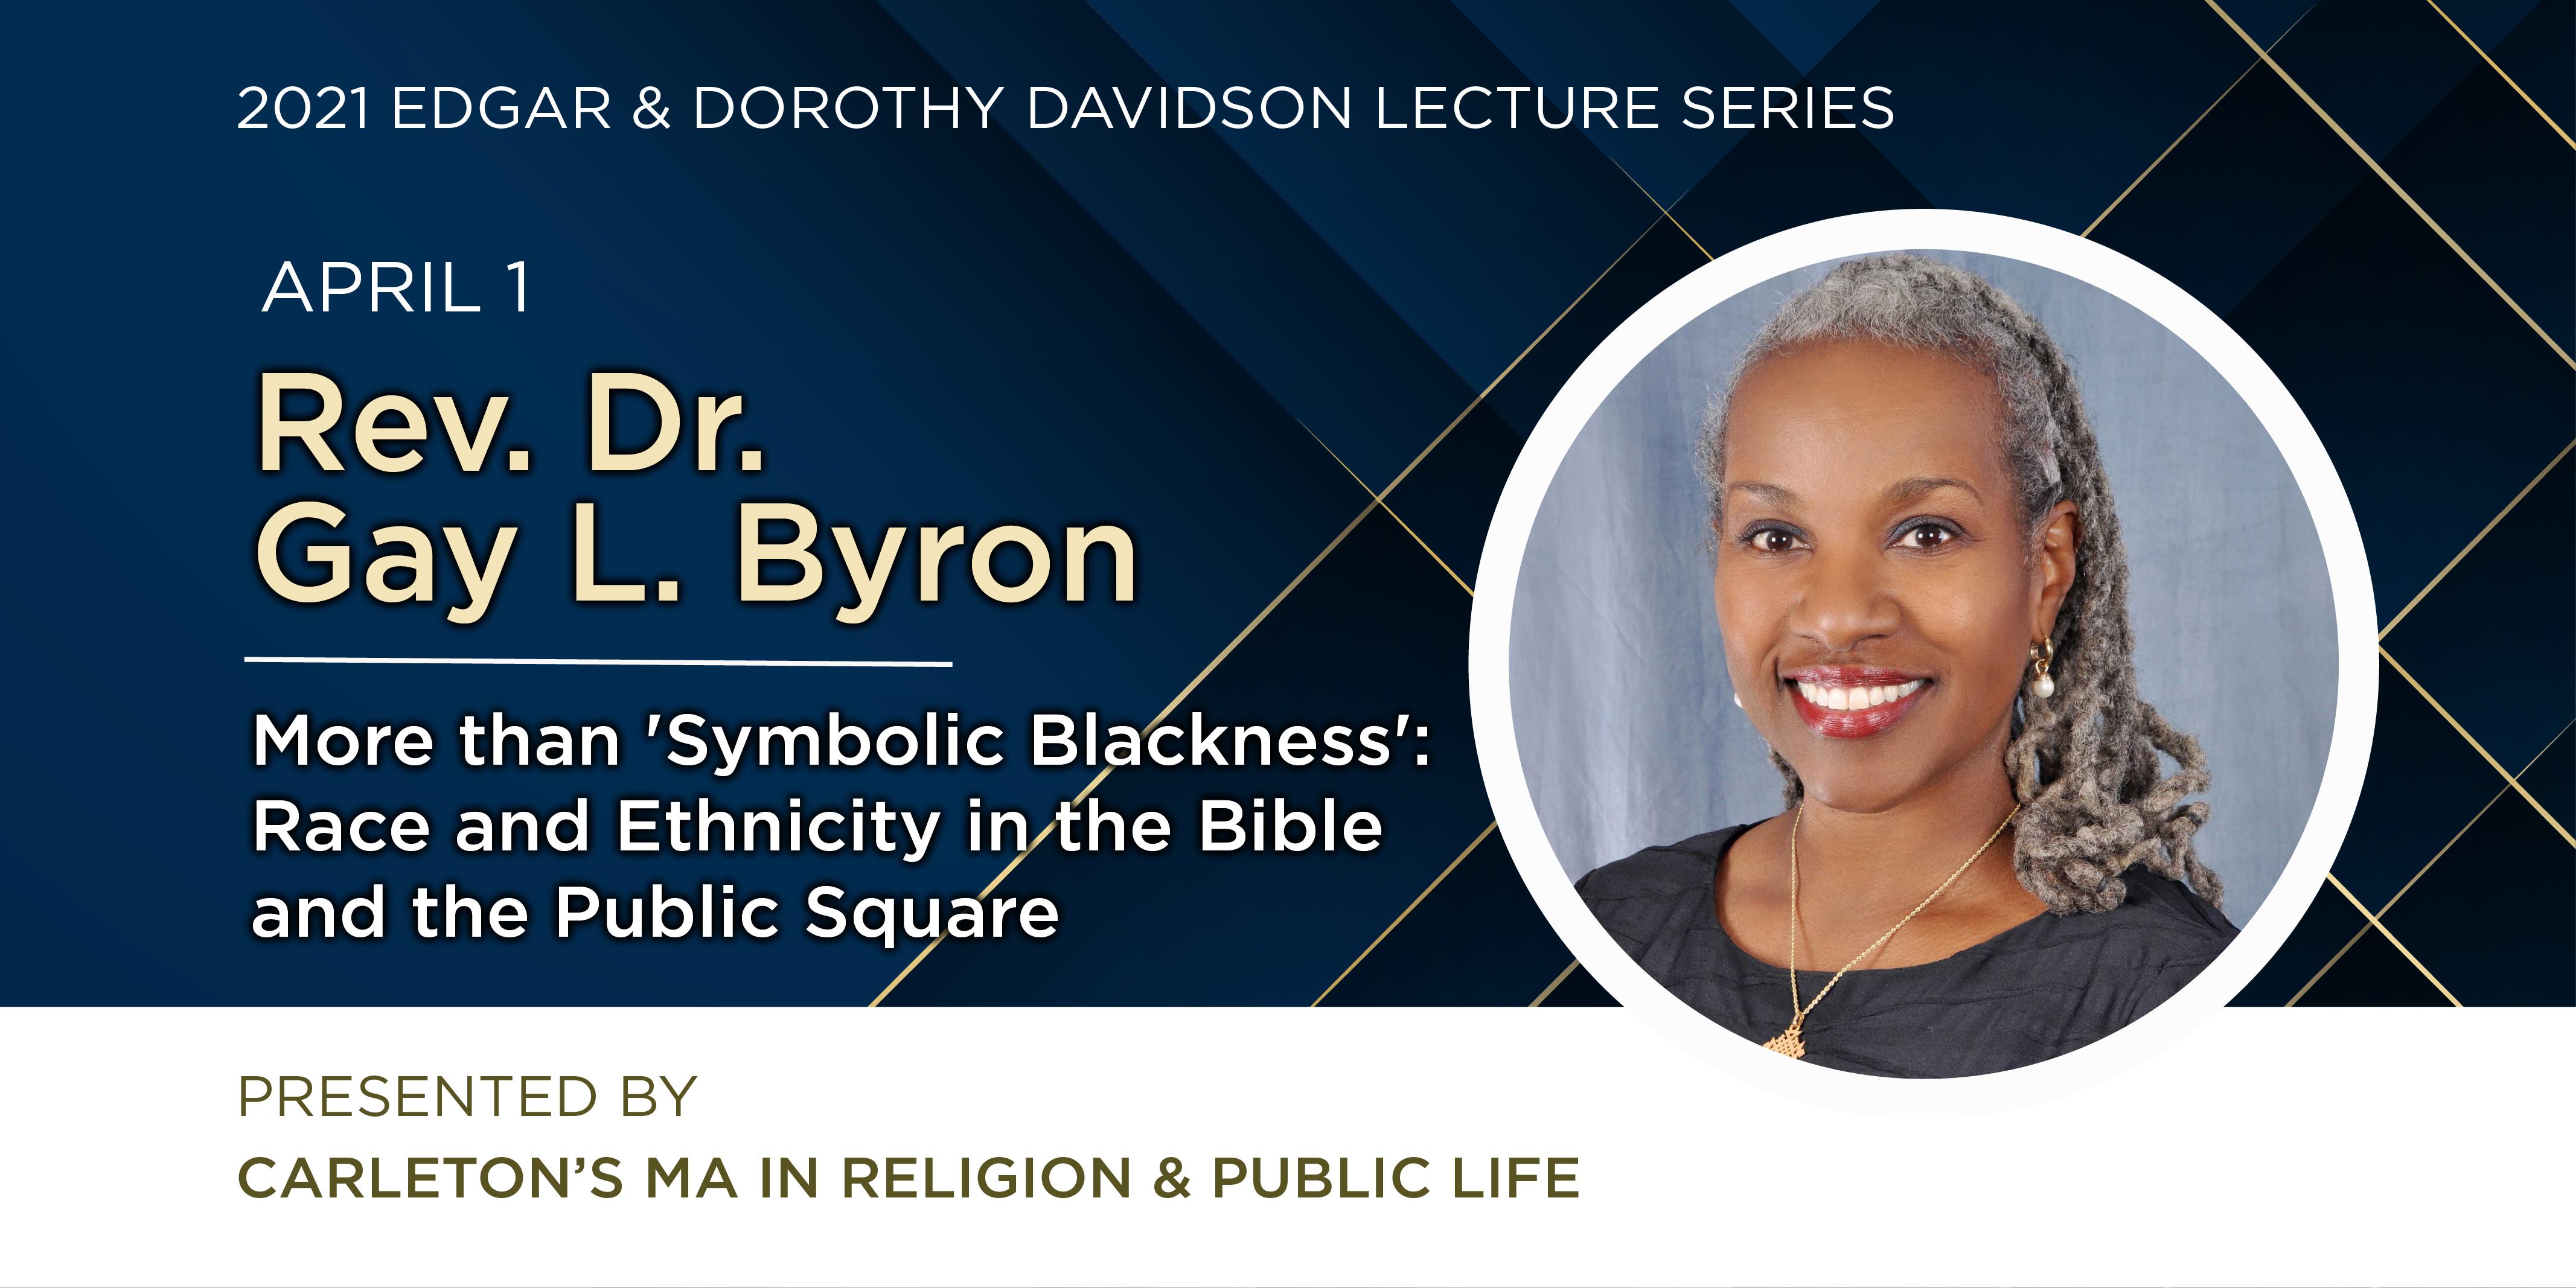 Dr. Gay L. Byron